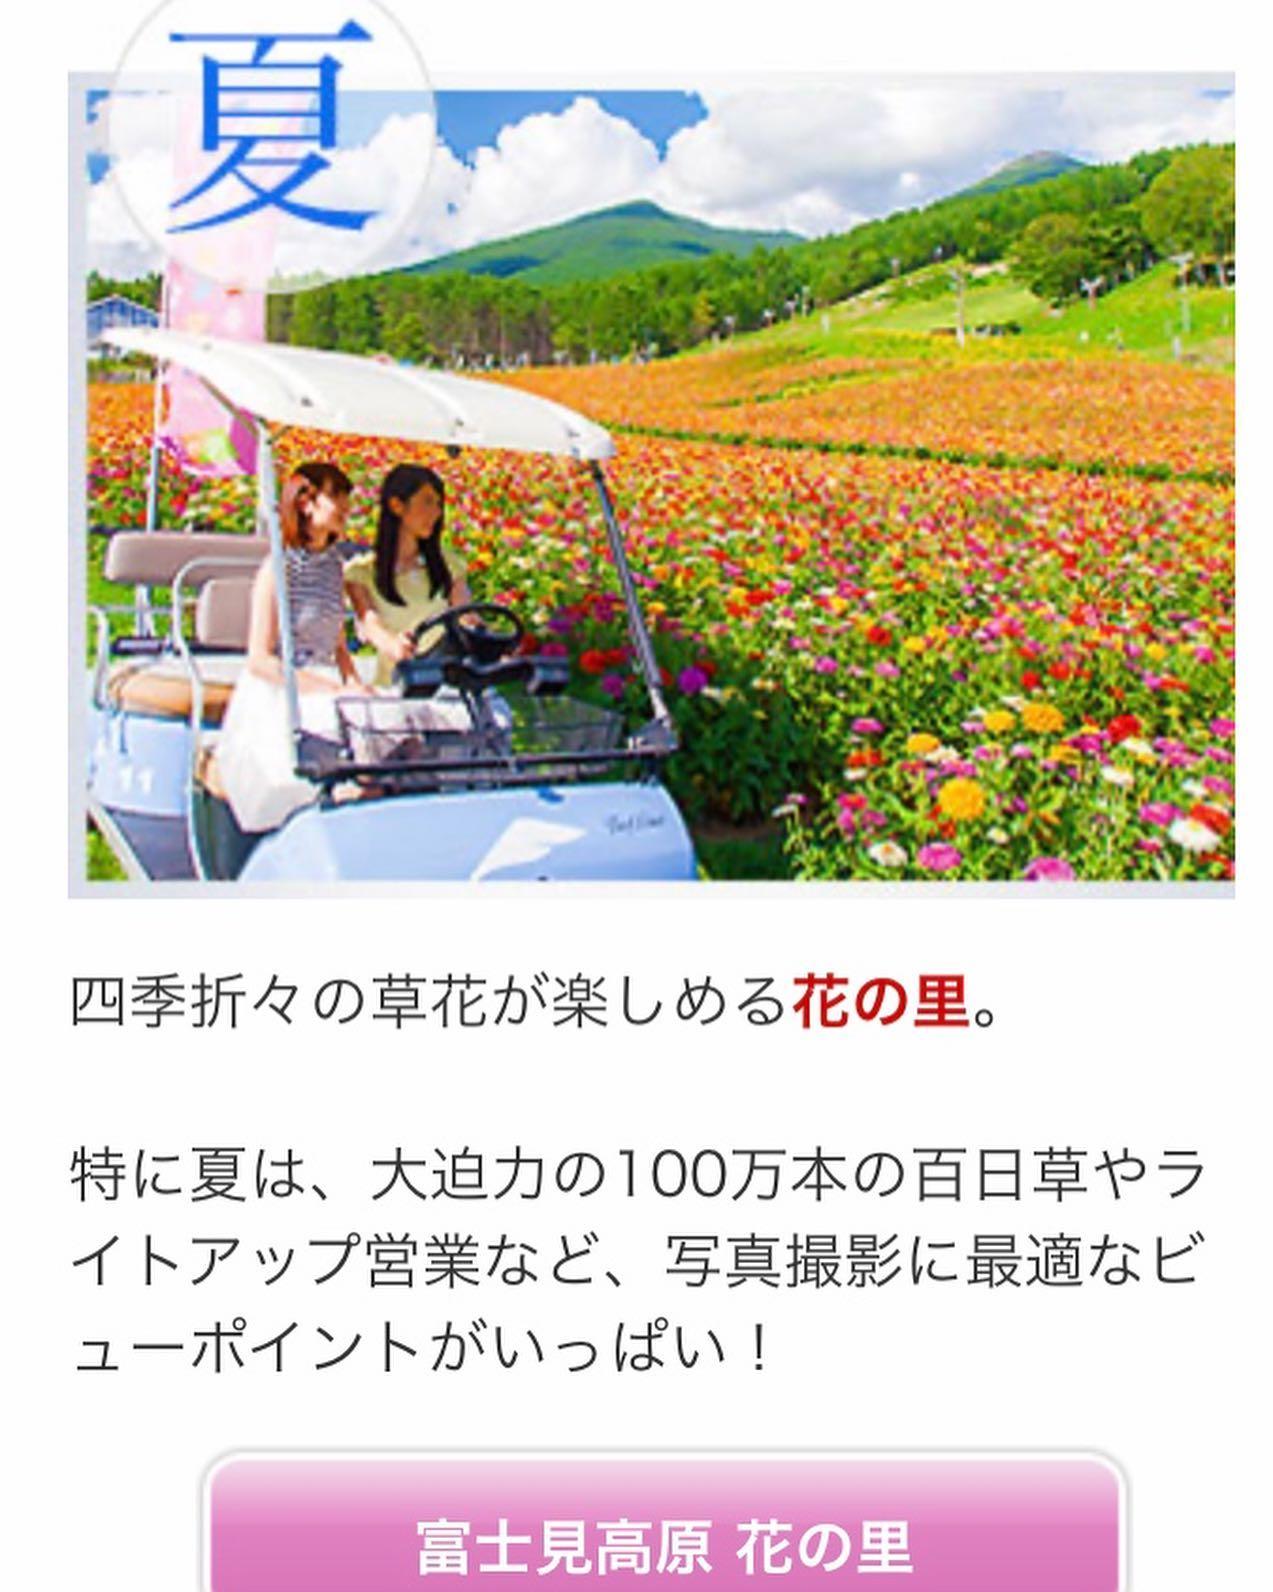 アビエス2020パートナー紹介-富士見高原リゾート-夏